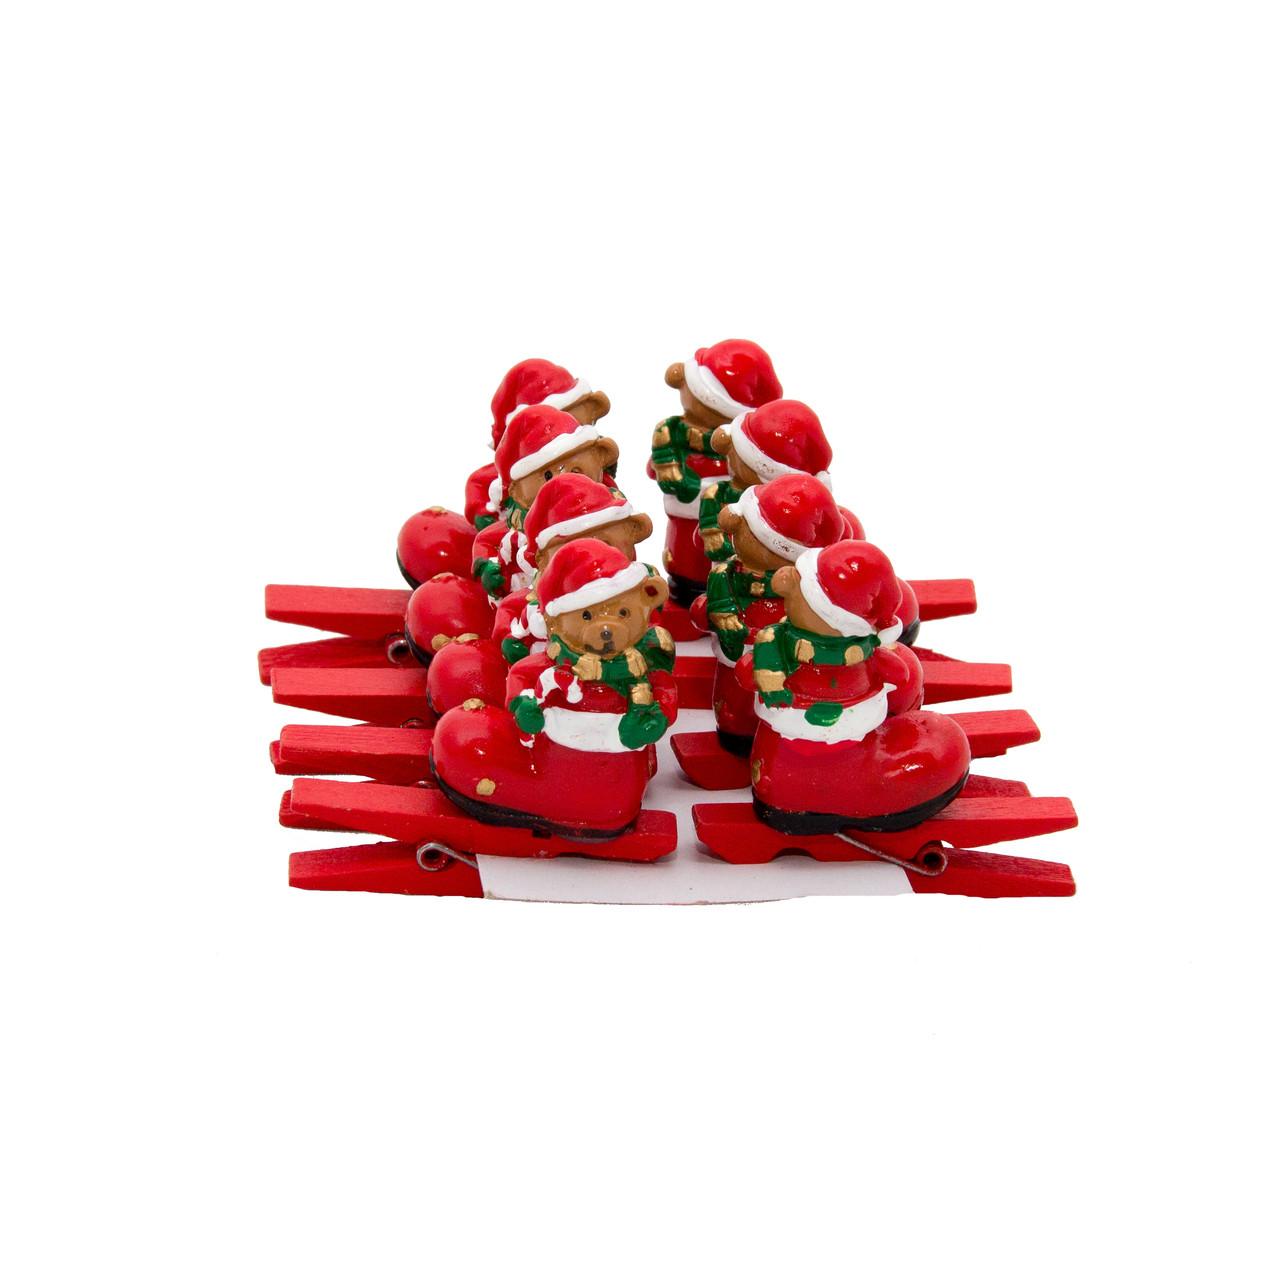 Набір ялинкових іграшок - дерев'яні прищіпки Ведмідь, 8 шт, 9*9 см, червоний, дерево (060610-9)